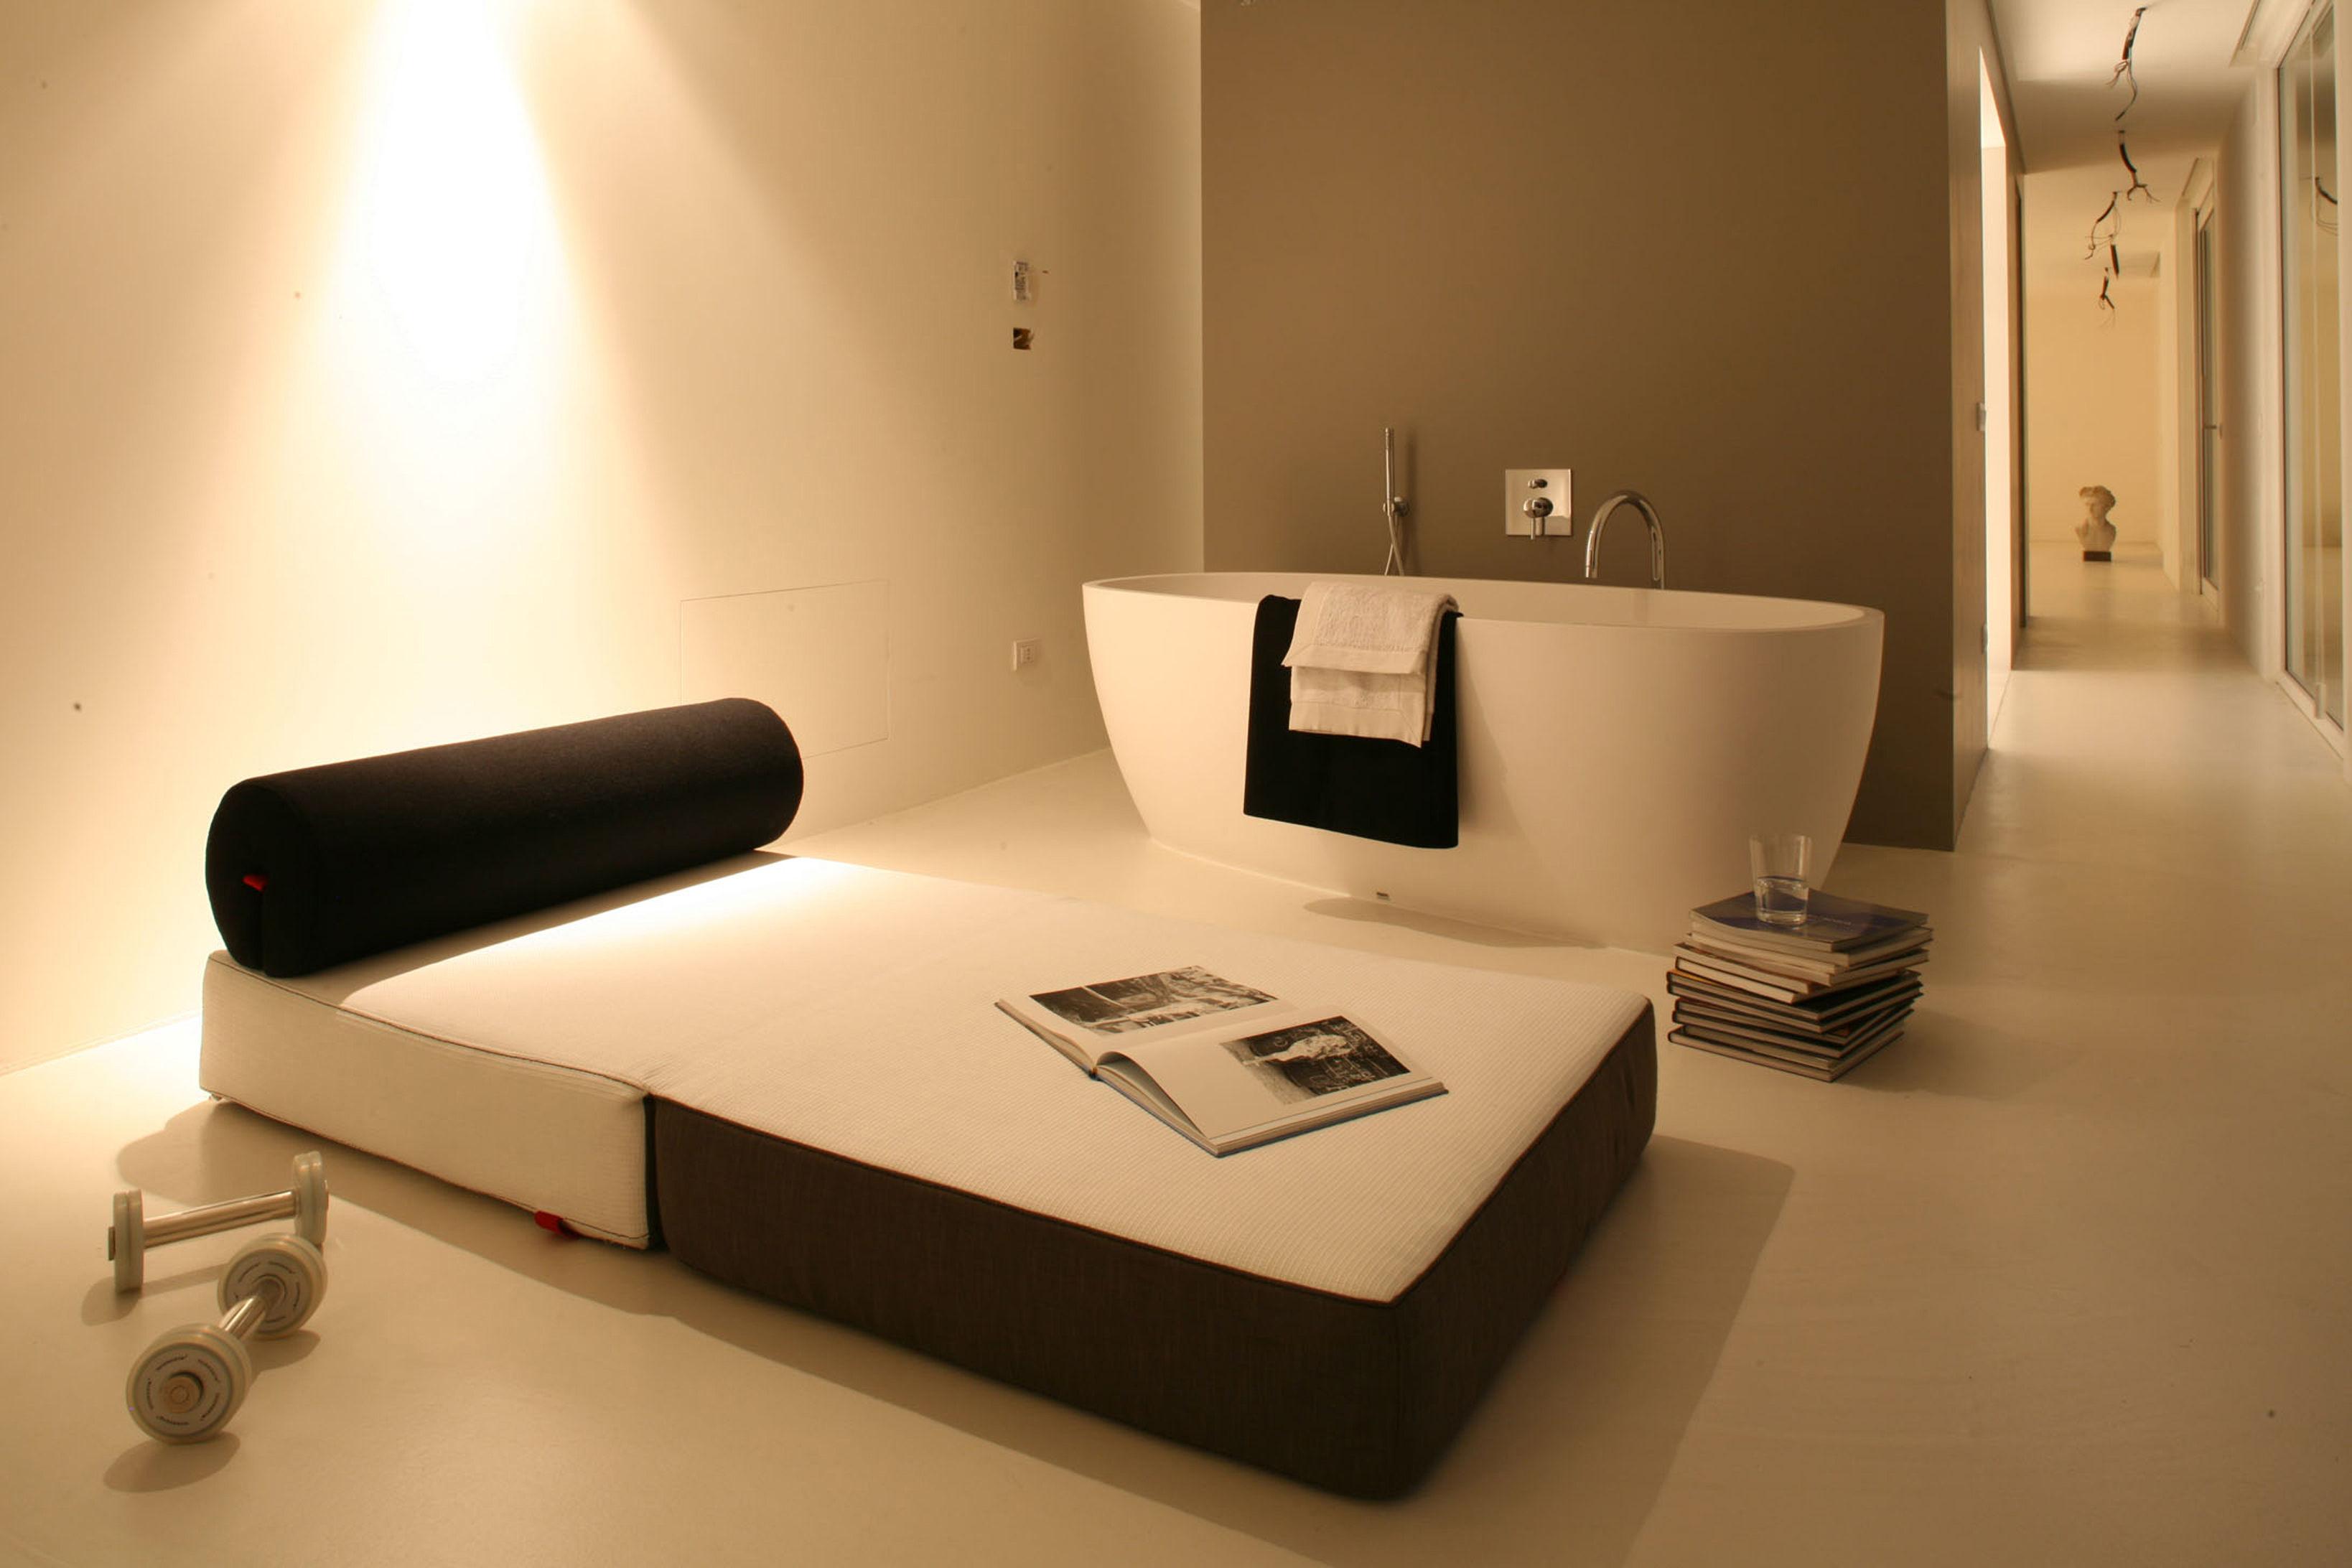 Casamania fauteuil lea 2 transformable en lit d 39 appoint - Fauteuil transformable en lit d appoint ...